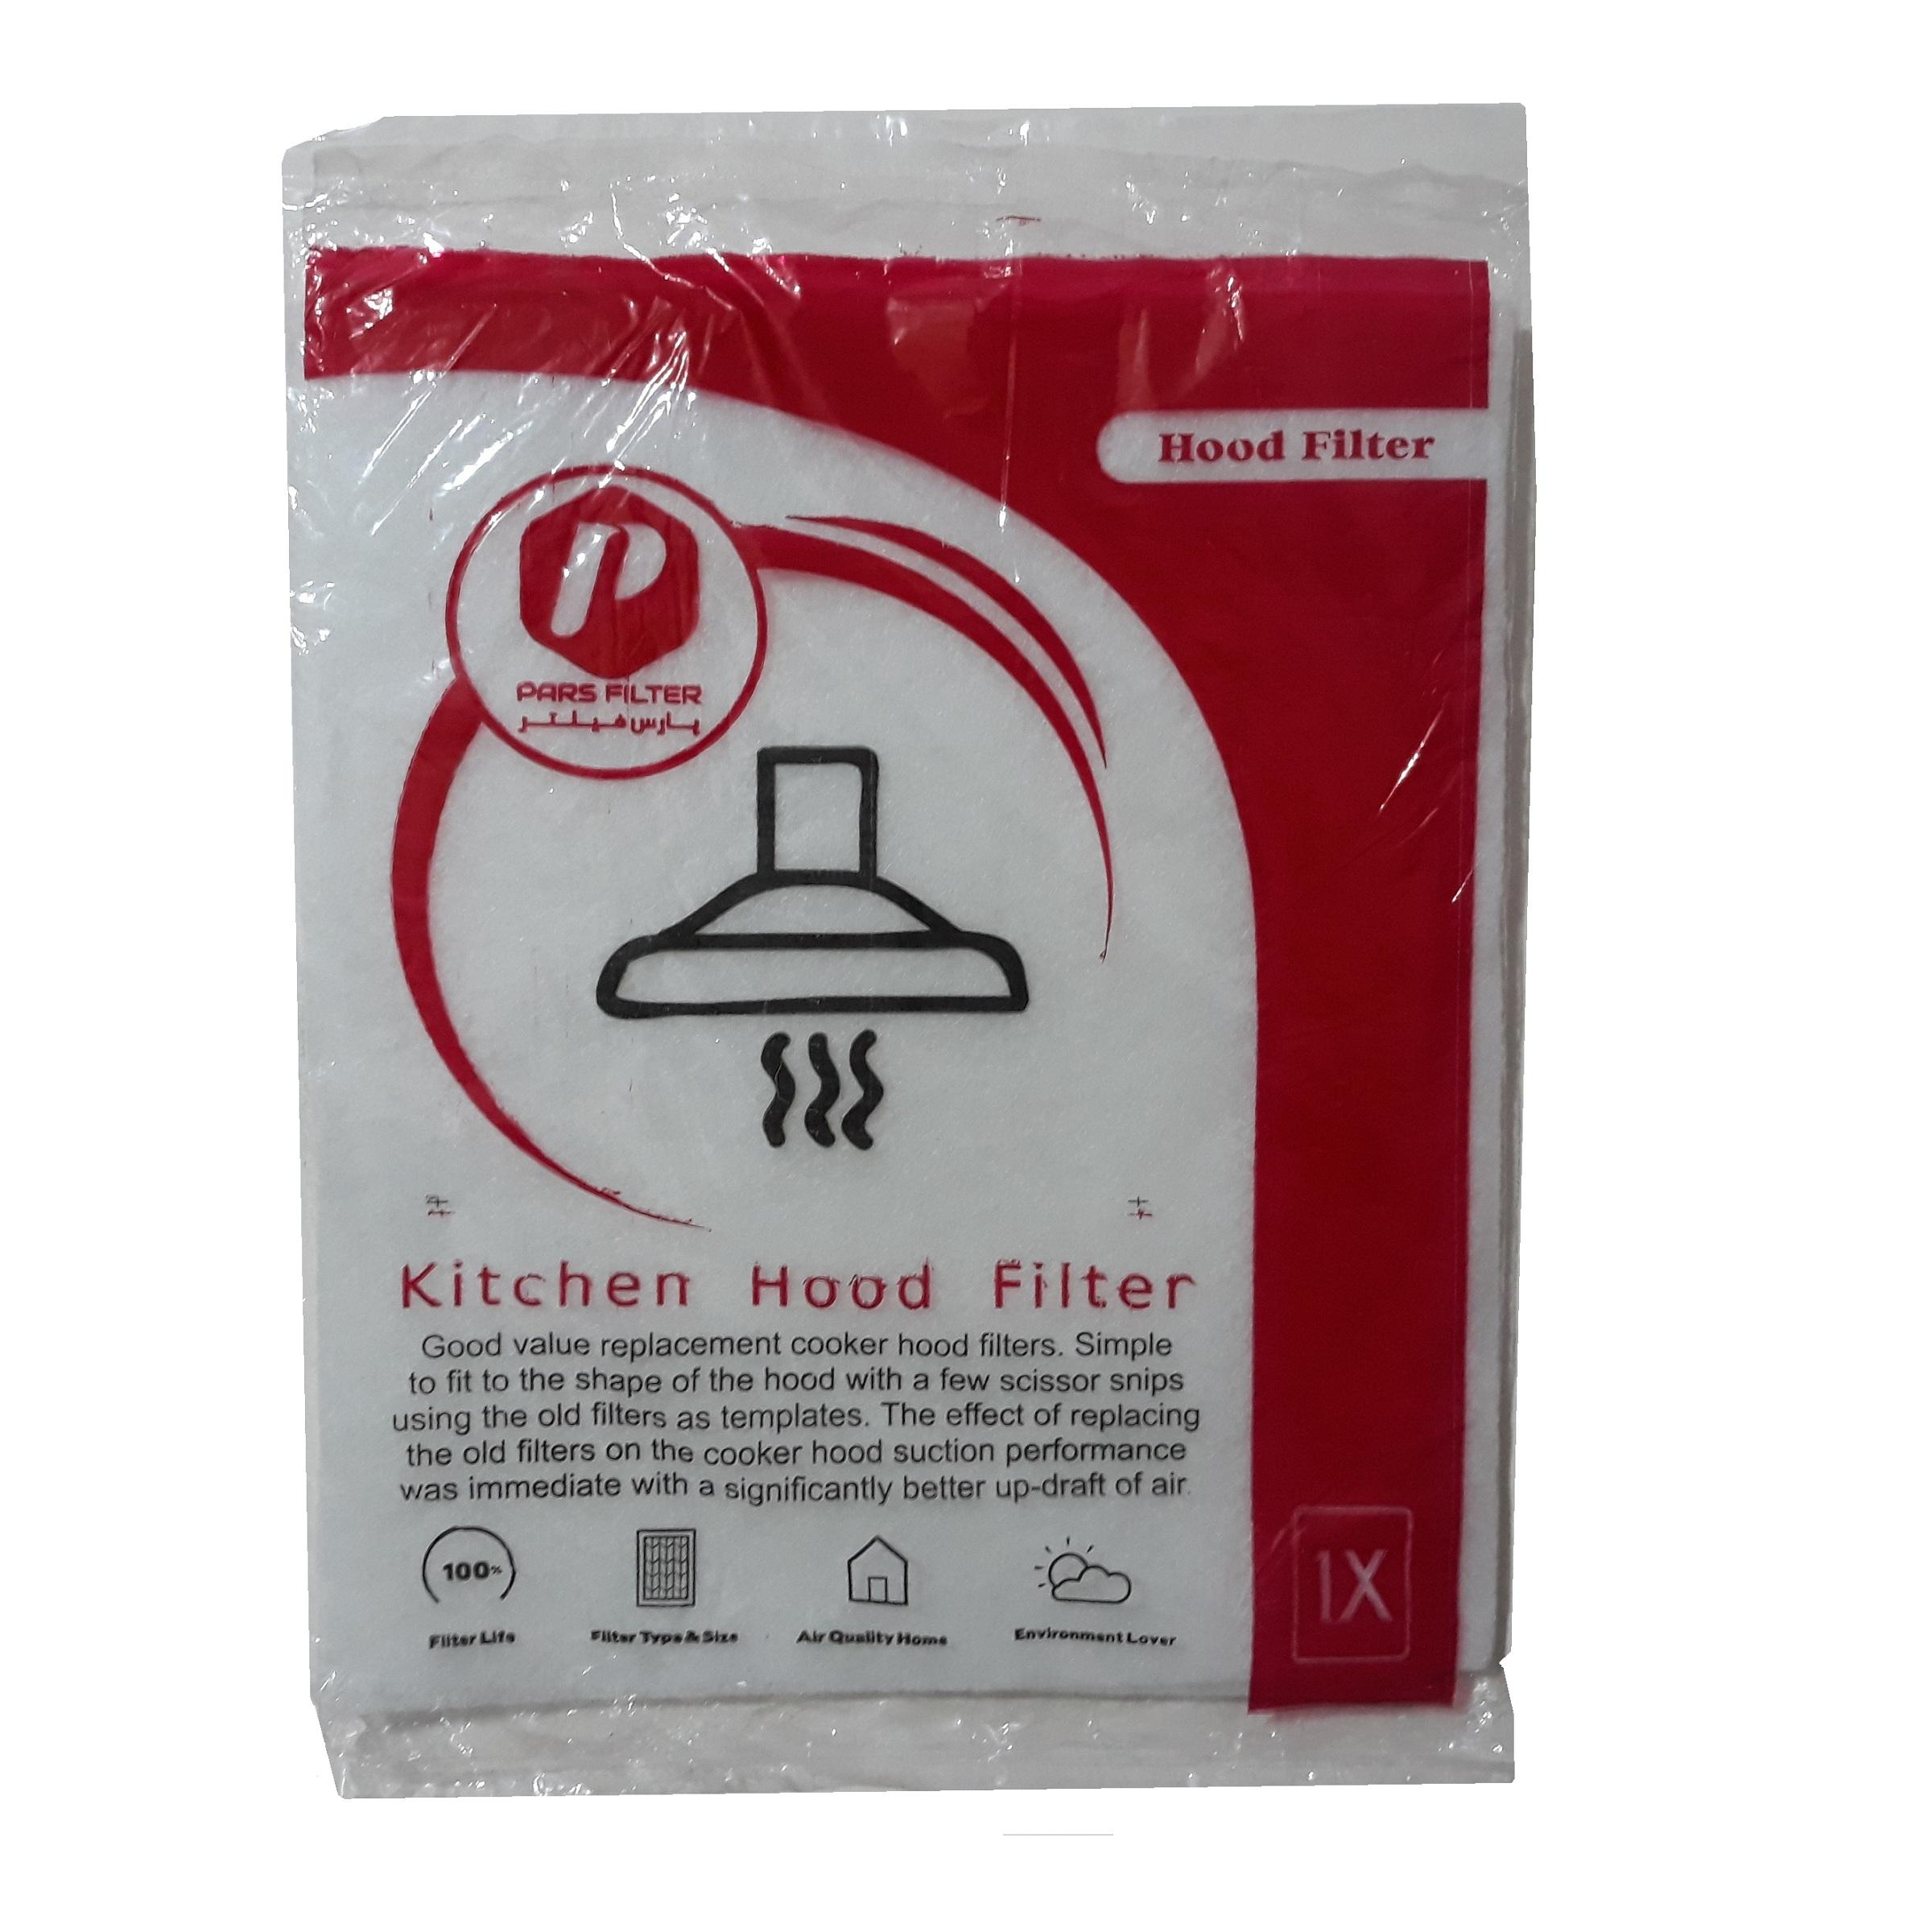 فیلتر هود مدل پارس فیلتر A